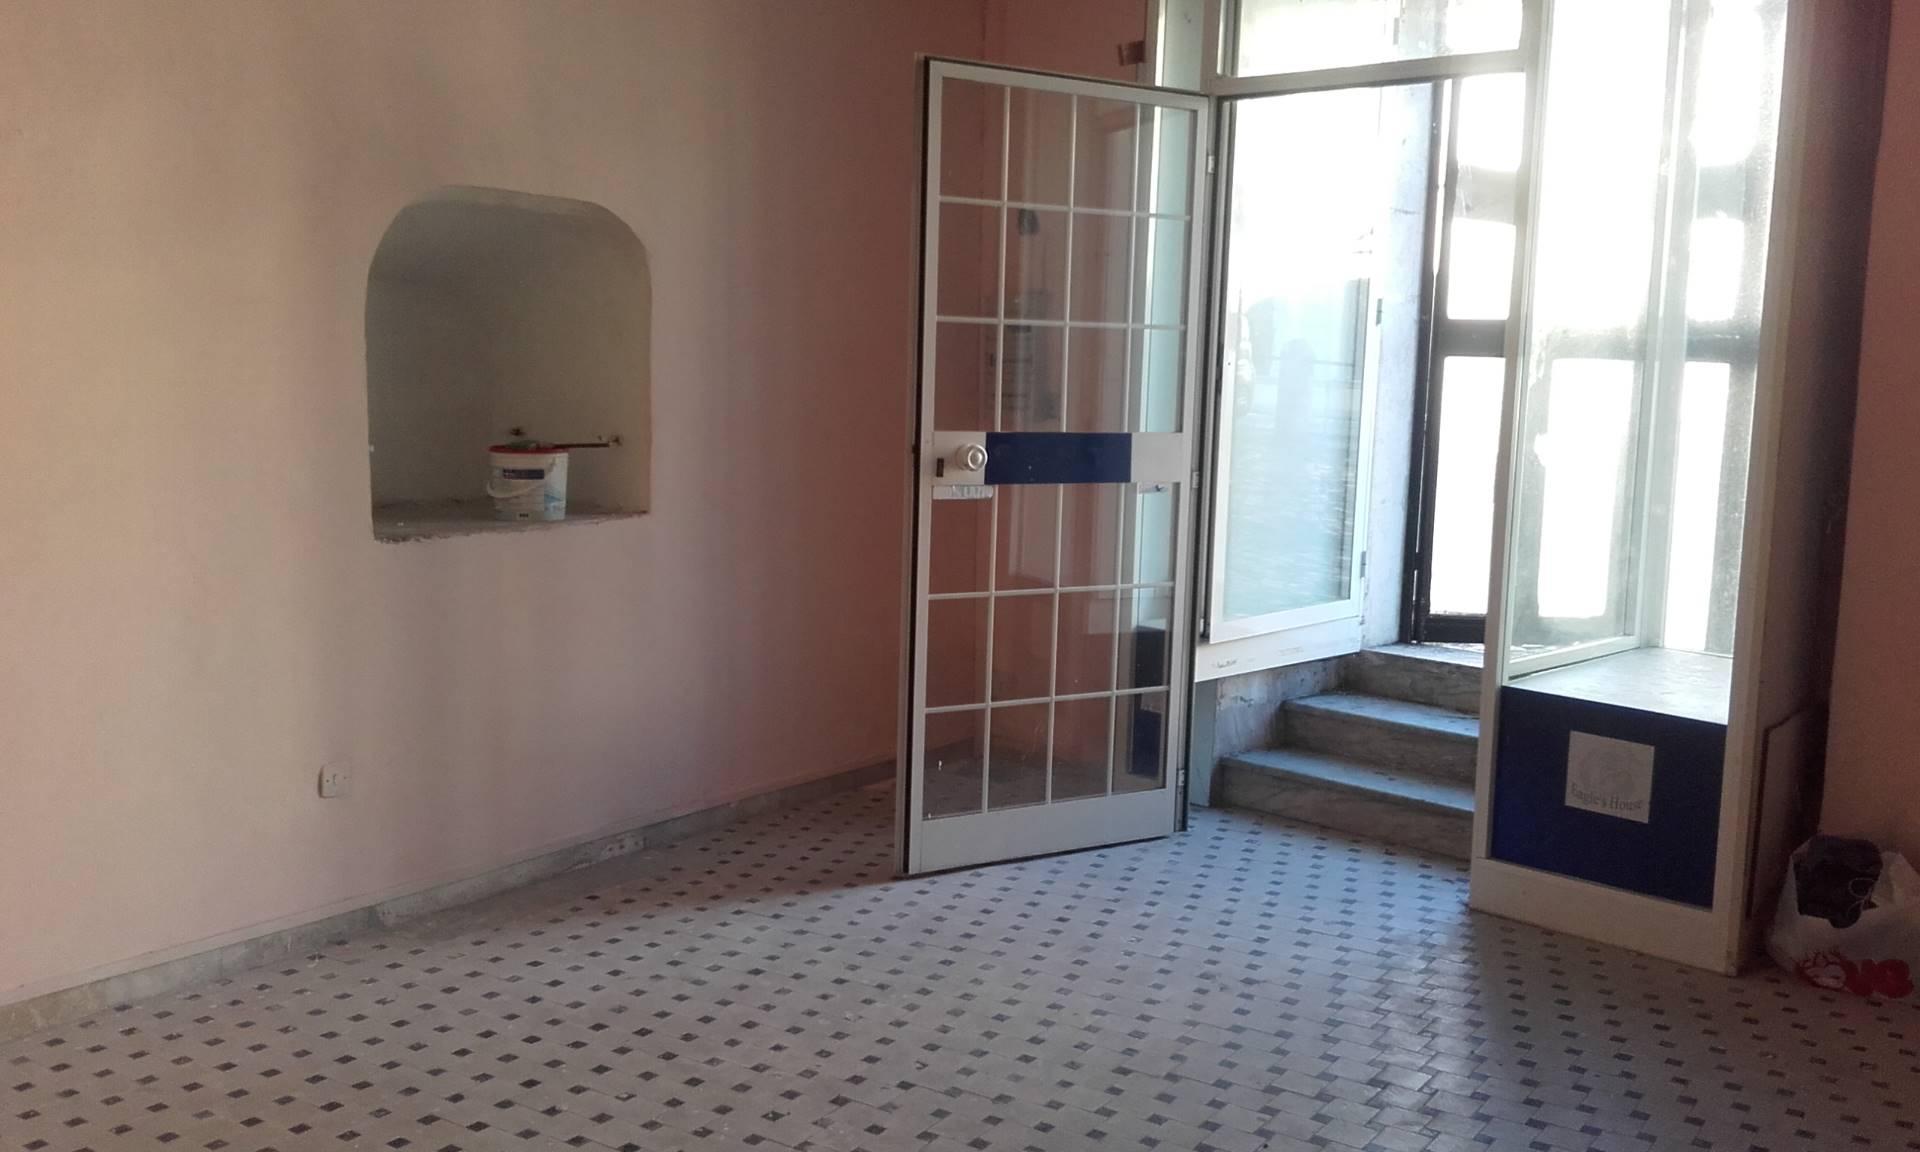 Negozio / Locale in vendita a Palombara Sabina, 9999 locali, prezzo € 35.000 | Cambio Casa.it